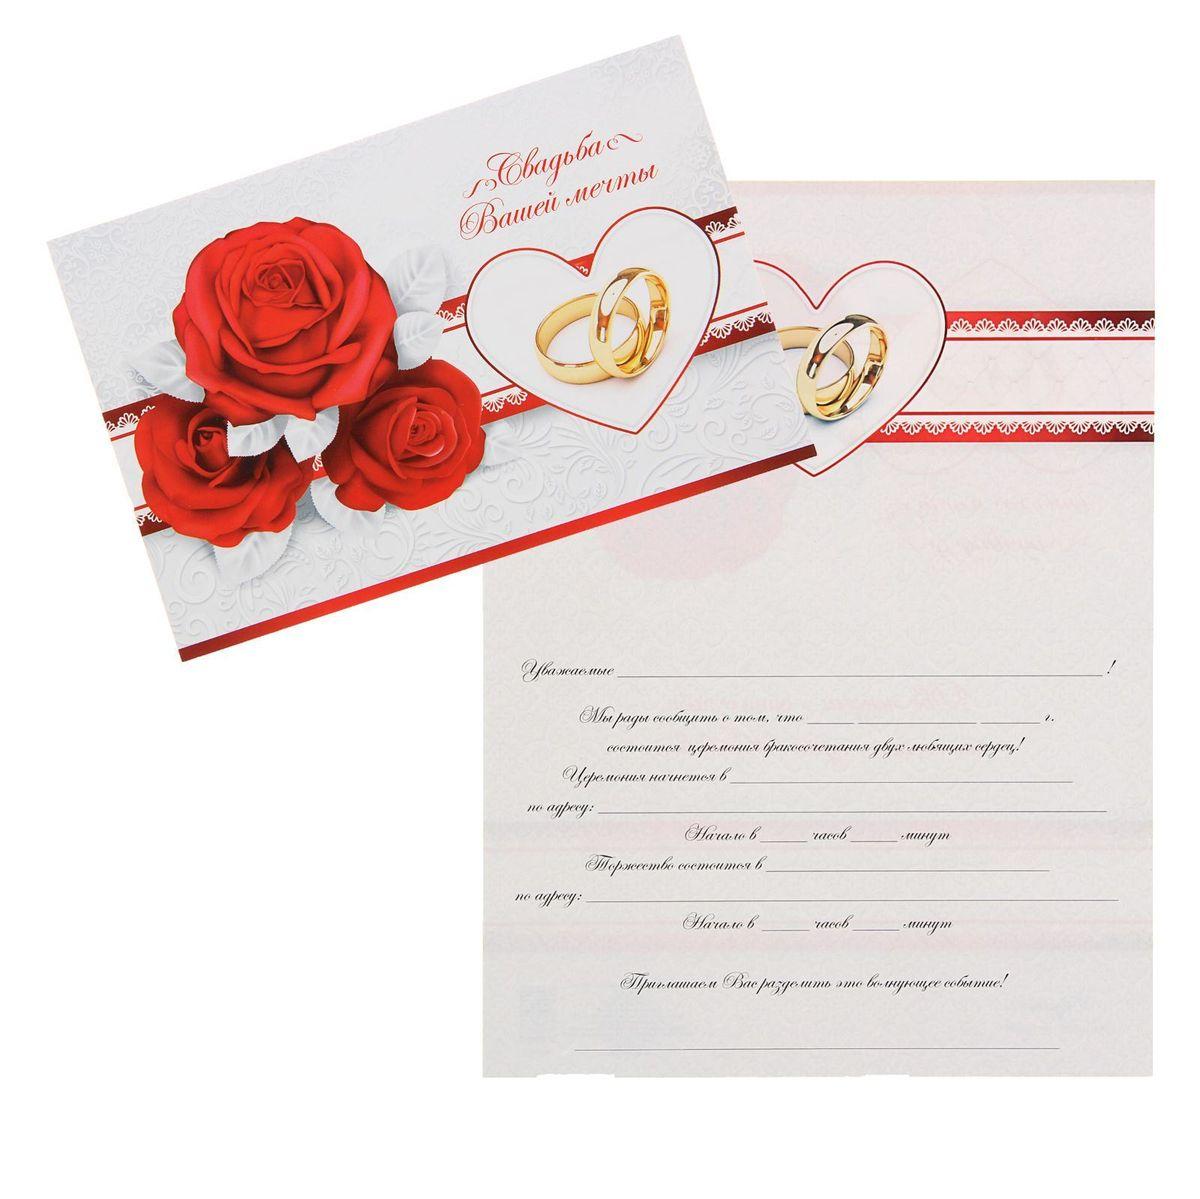 Приглашение на свадьбу Sima-land Красные розы, 18 х 12 см1333773Свадьба - одно из главных событий в жизни каждого человека. Дляидеального торжества необходимо продумать каждую мелочь. Родным иблизким будет приятно получить индивидуальную красивую открытку сэксклюзивным дизайном. На развороте изделия содержится текст, в который вы можете вписать своиданные. С открыткой Sima-land Красные розы вы оригинальнопригласите всех своих друзей и родственников на ваш праздник.